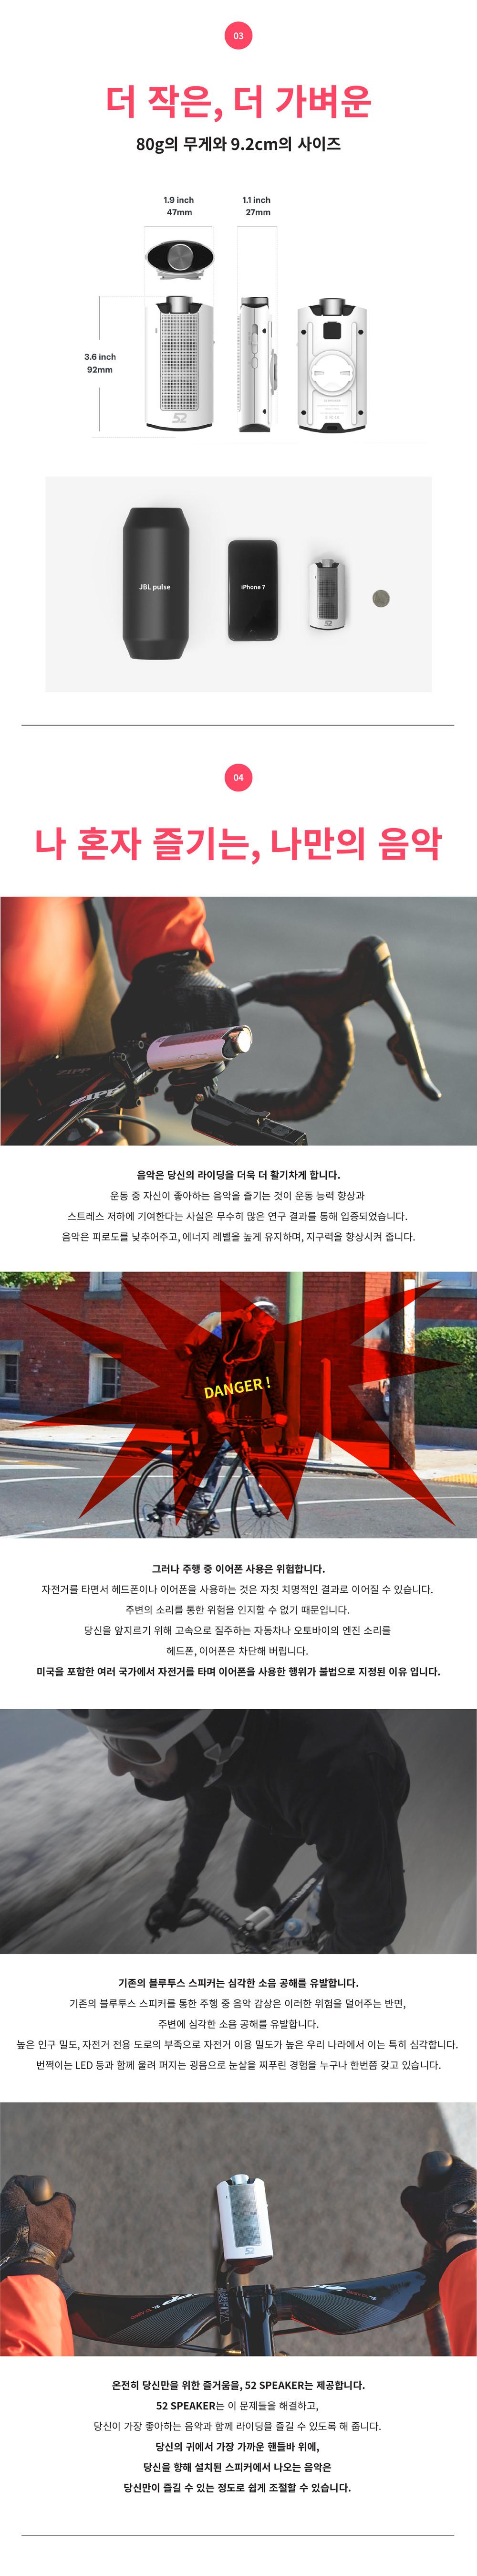 자전거 블루투스 마운트장착 라이딩 52 스피커 - 애니센스, 67,000원, 스피커, 무드등/블루투스 스피커